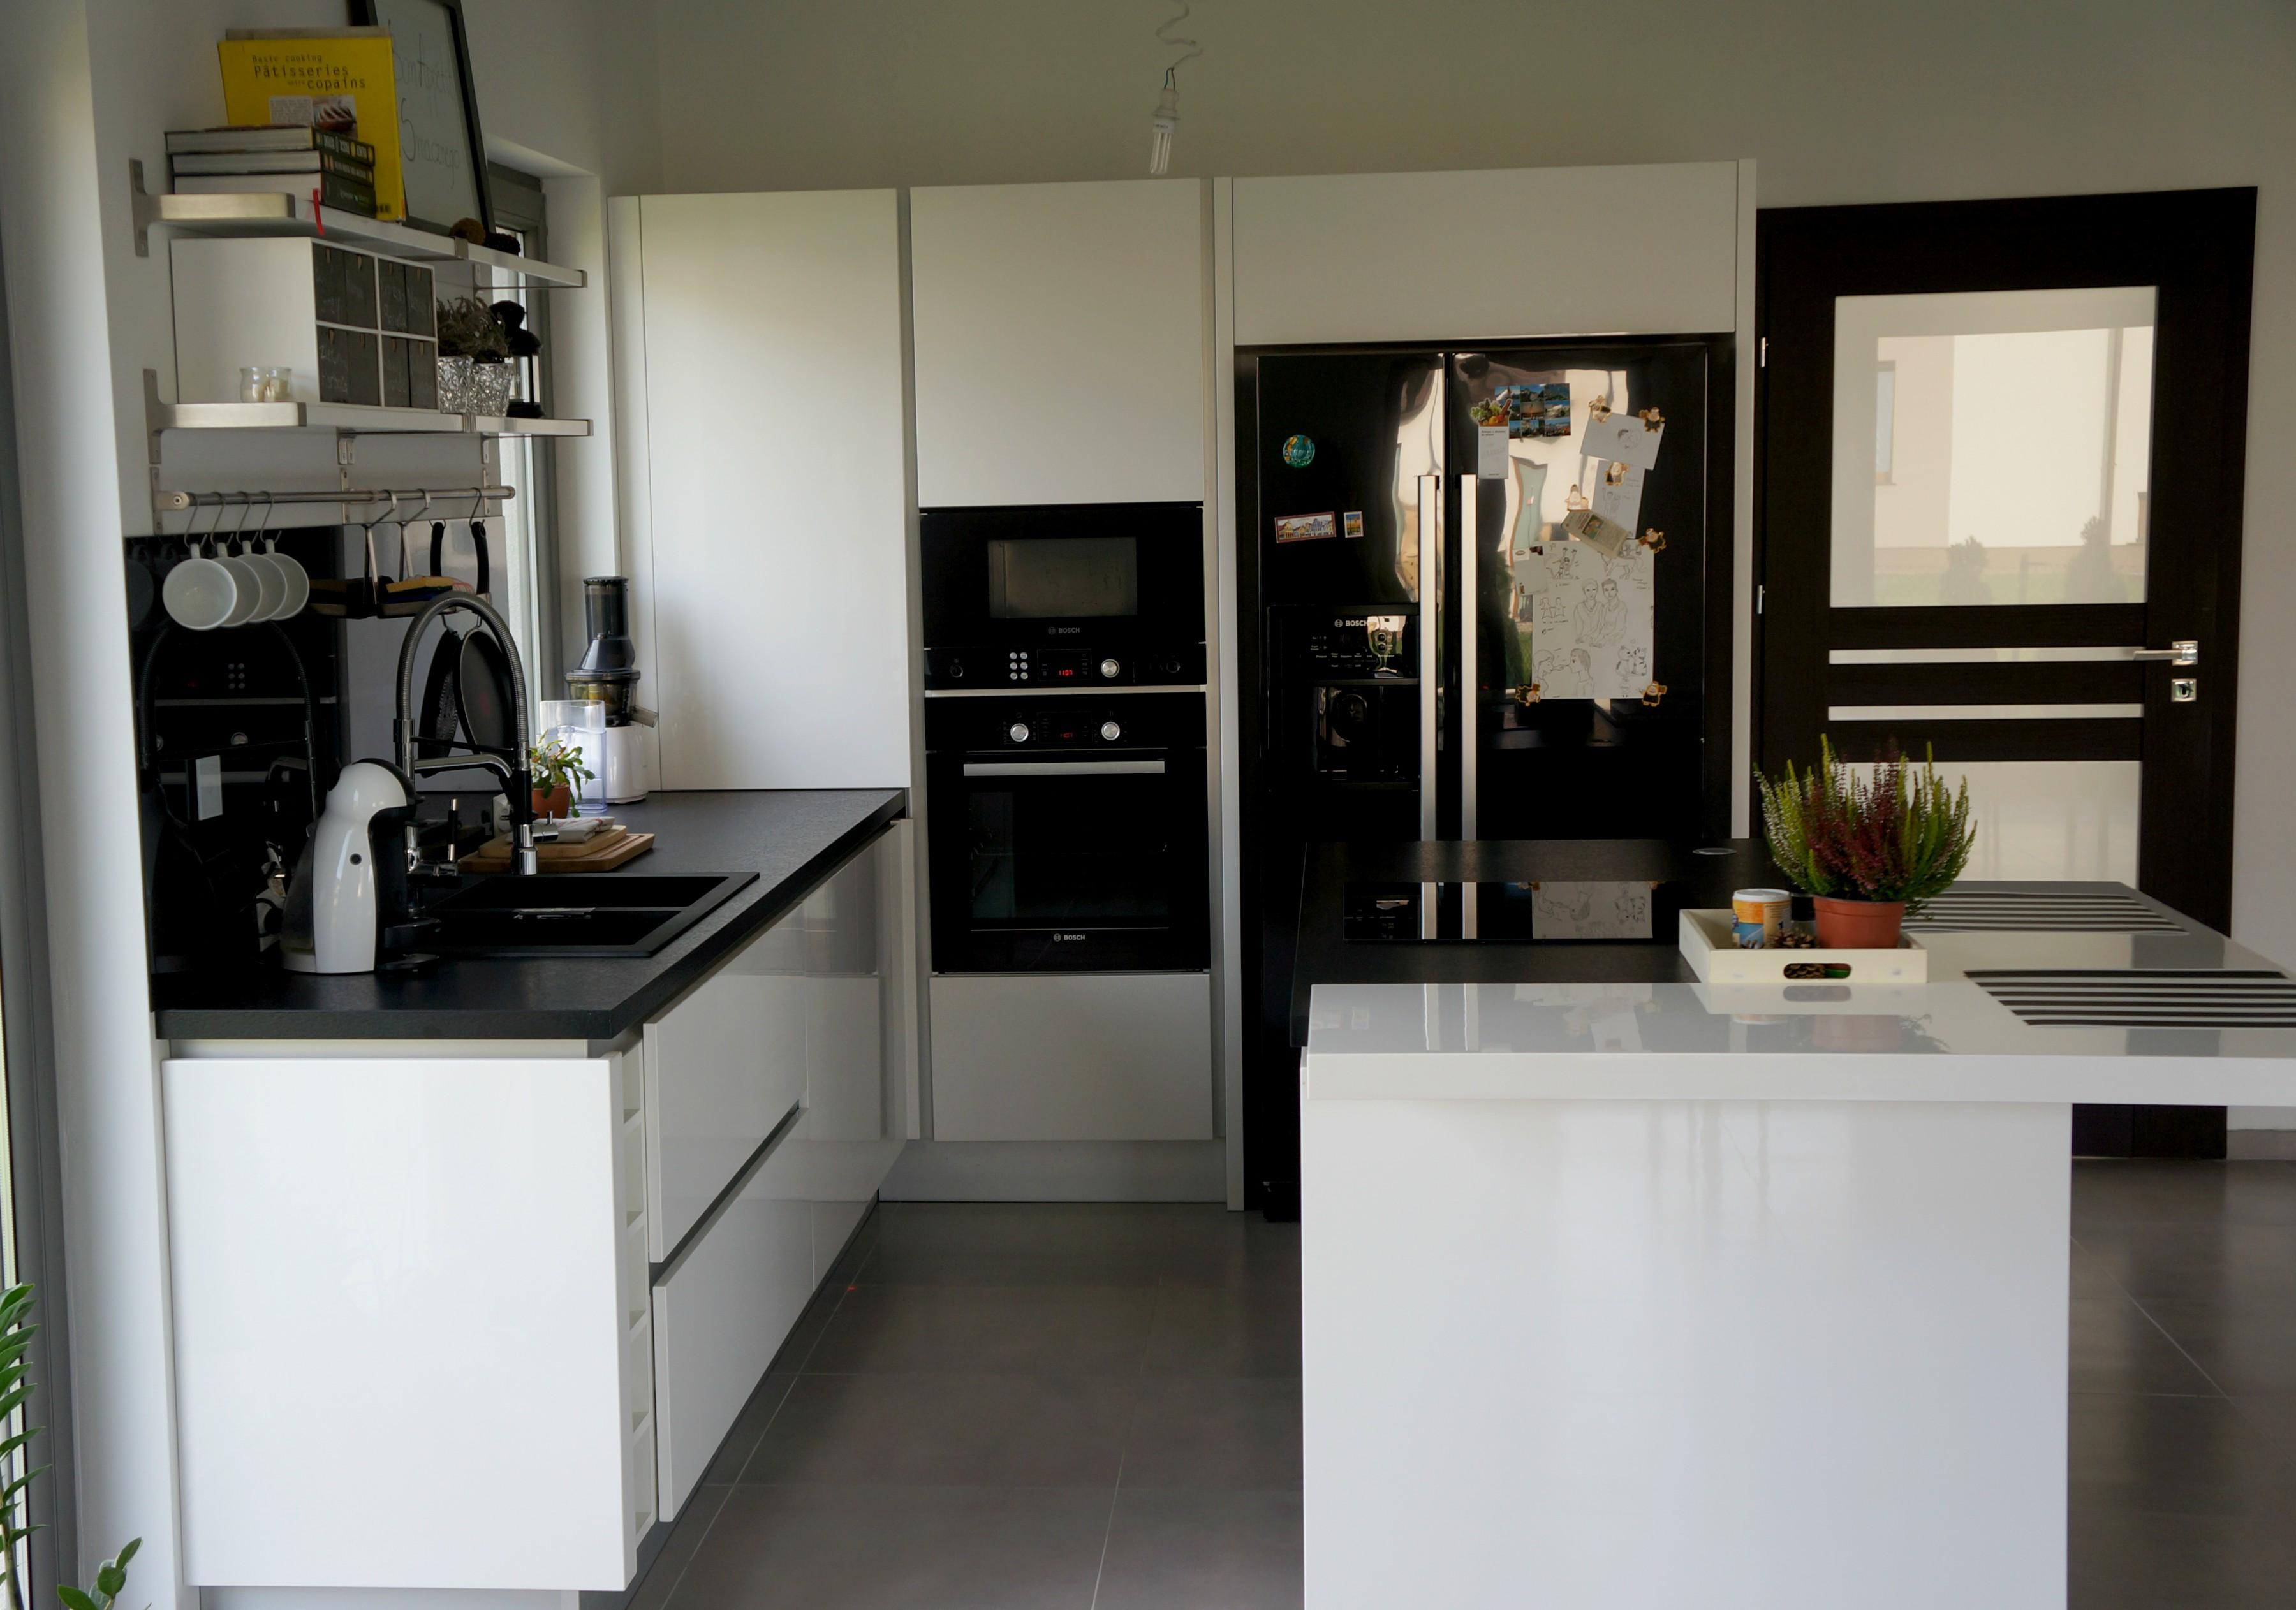 Biało czarna kuchnia  tak mieszkam  Projekt Dom